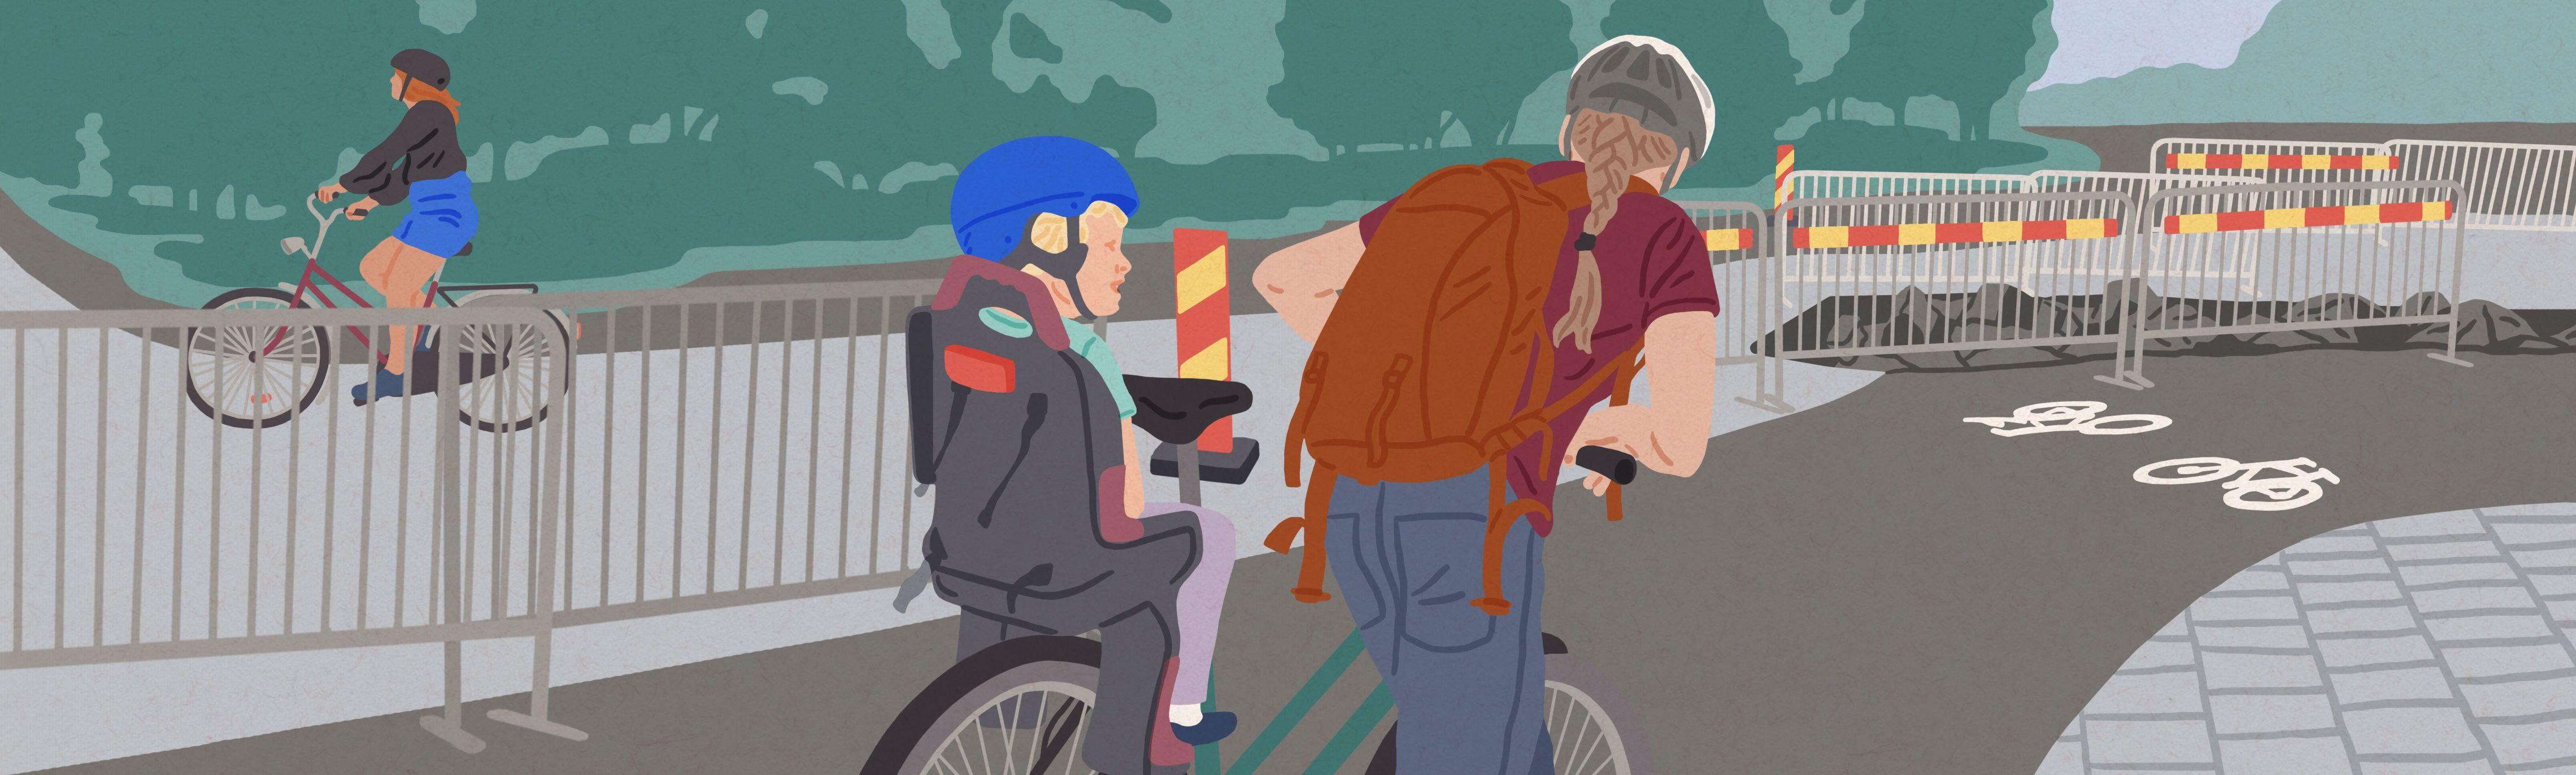 Bilden visar en förälder med sitt barn i barnstol på cykel, utomhusmiljö.